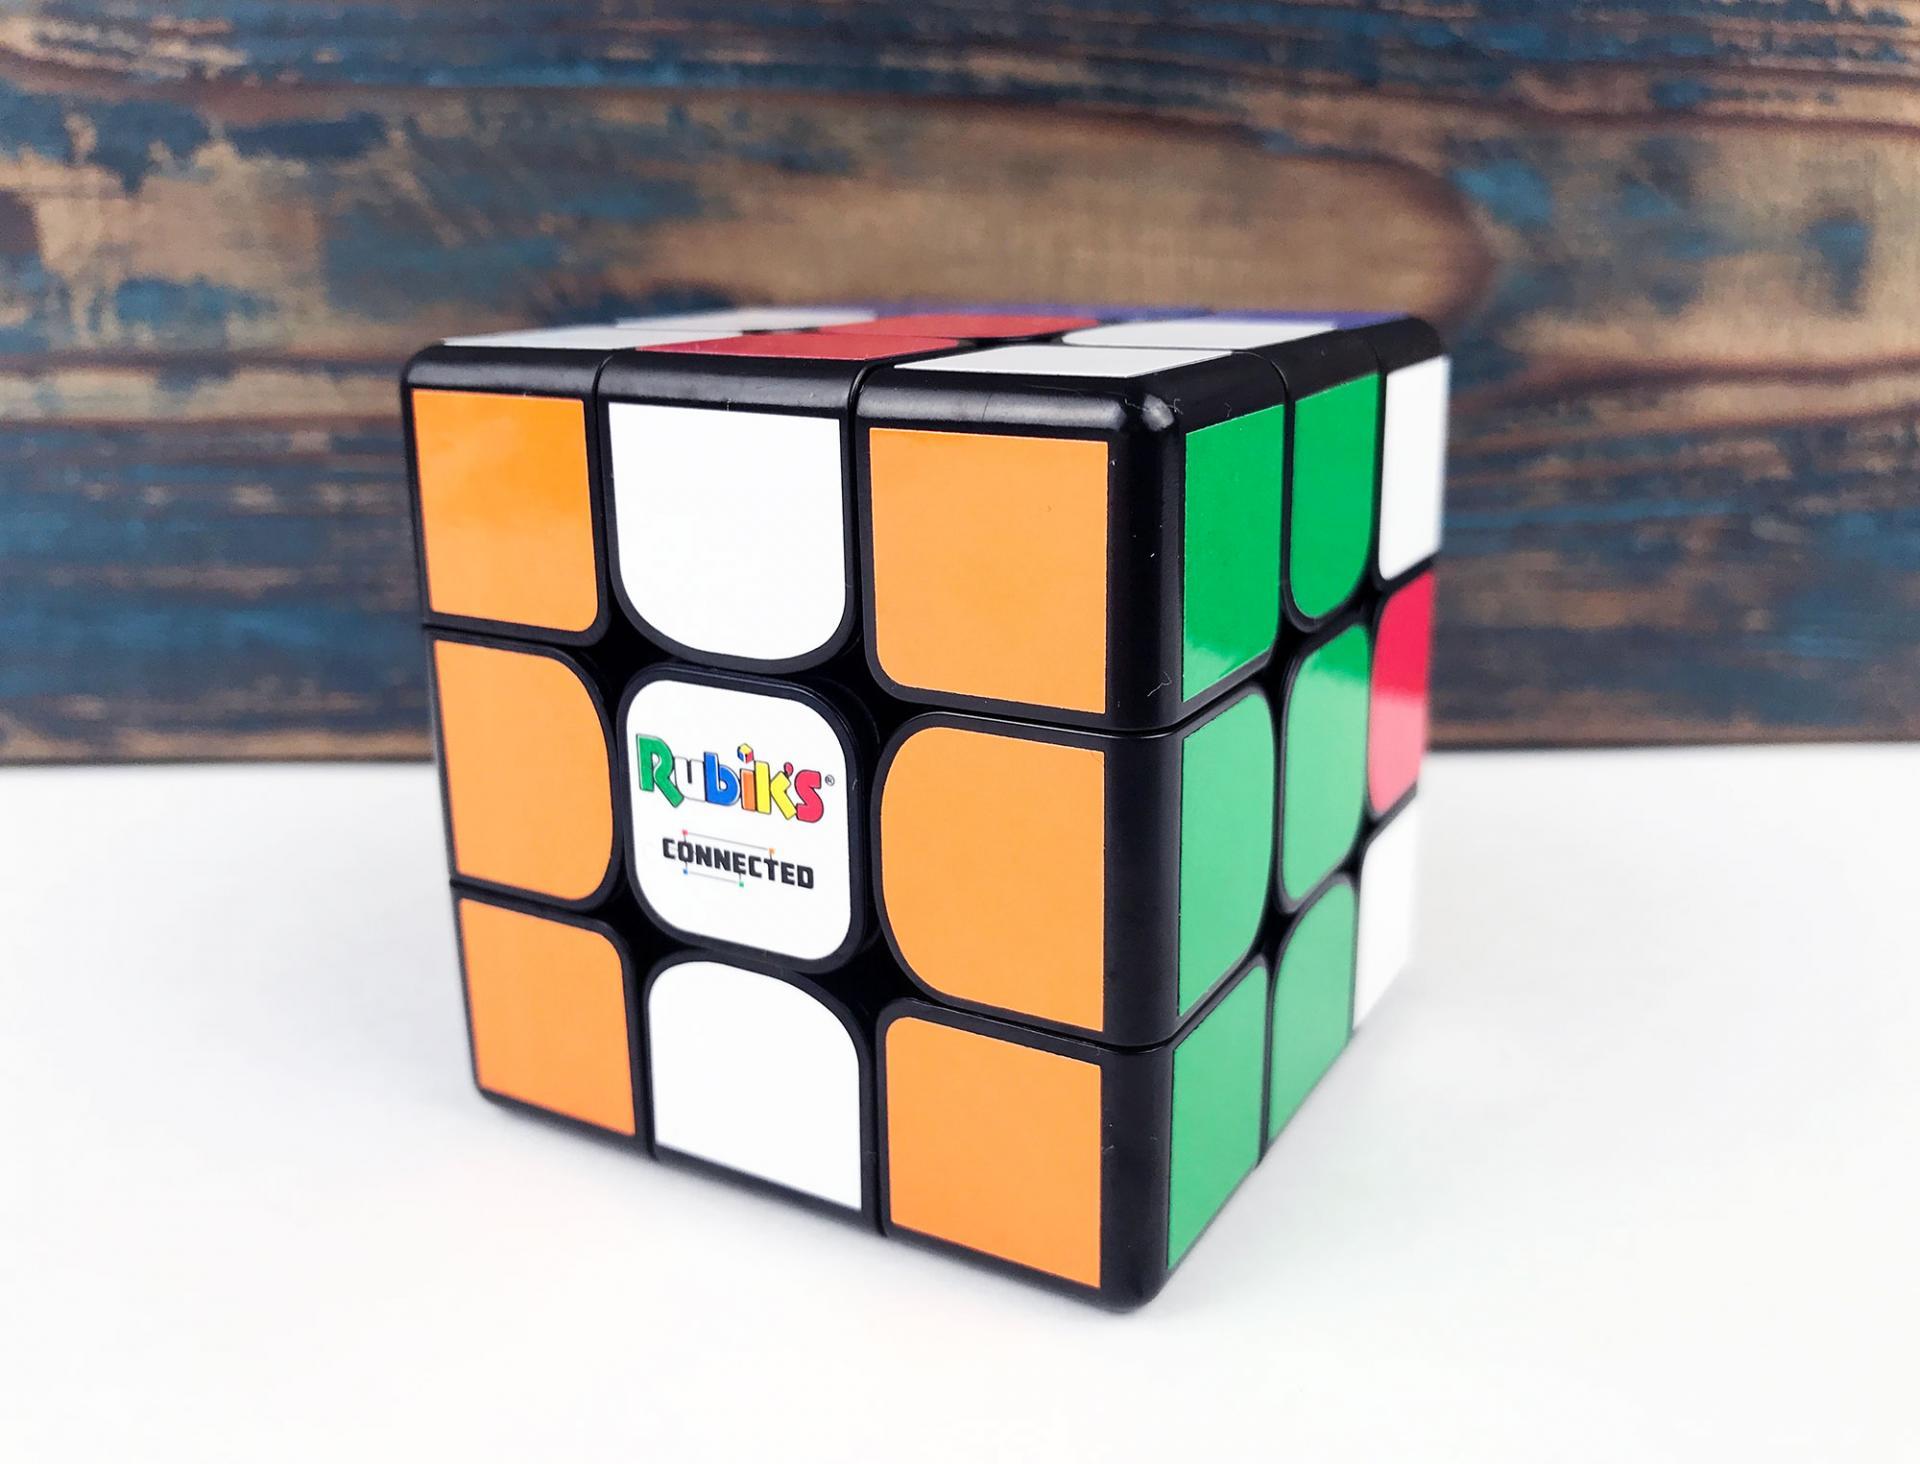 Обзор умного кубика Рубика Particula Rubik's Connected